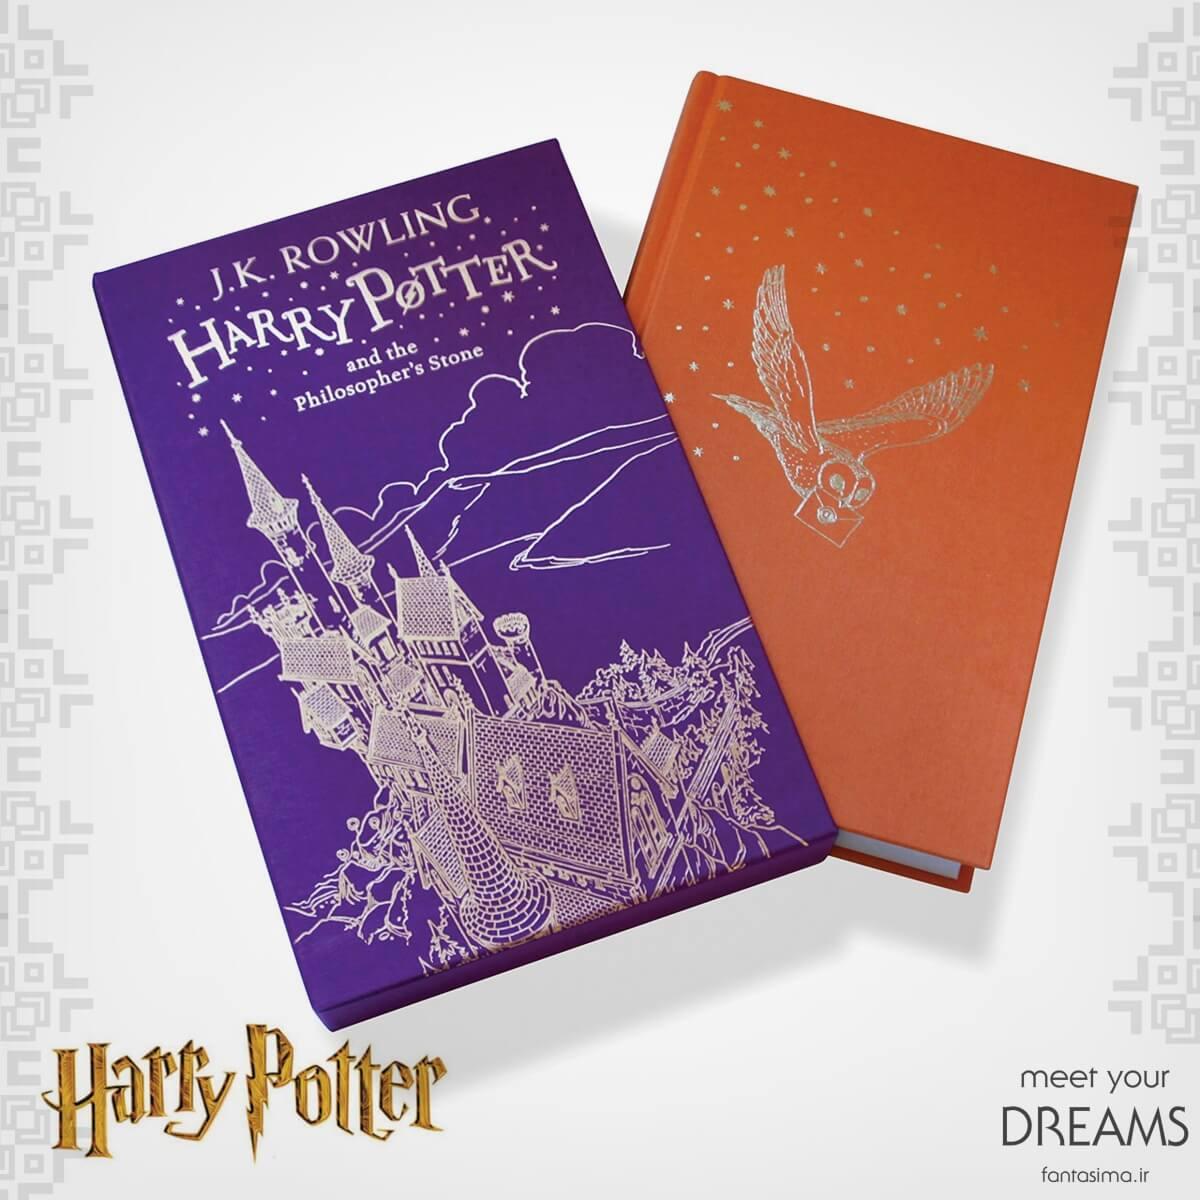 کتاب هری پاتر و سنگ جادو همراه با کاور سخت